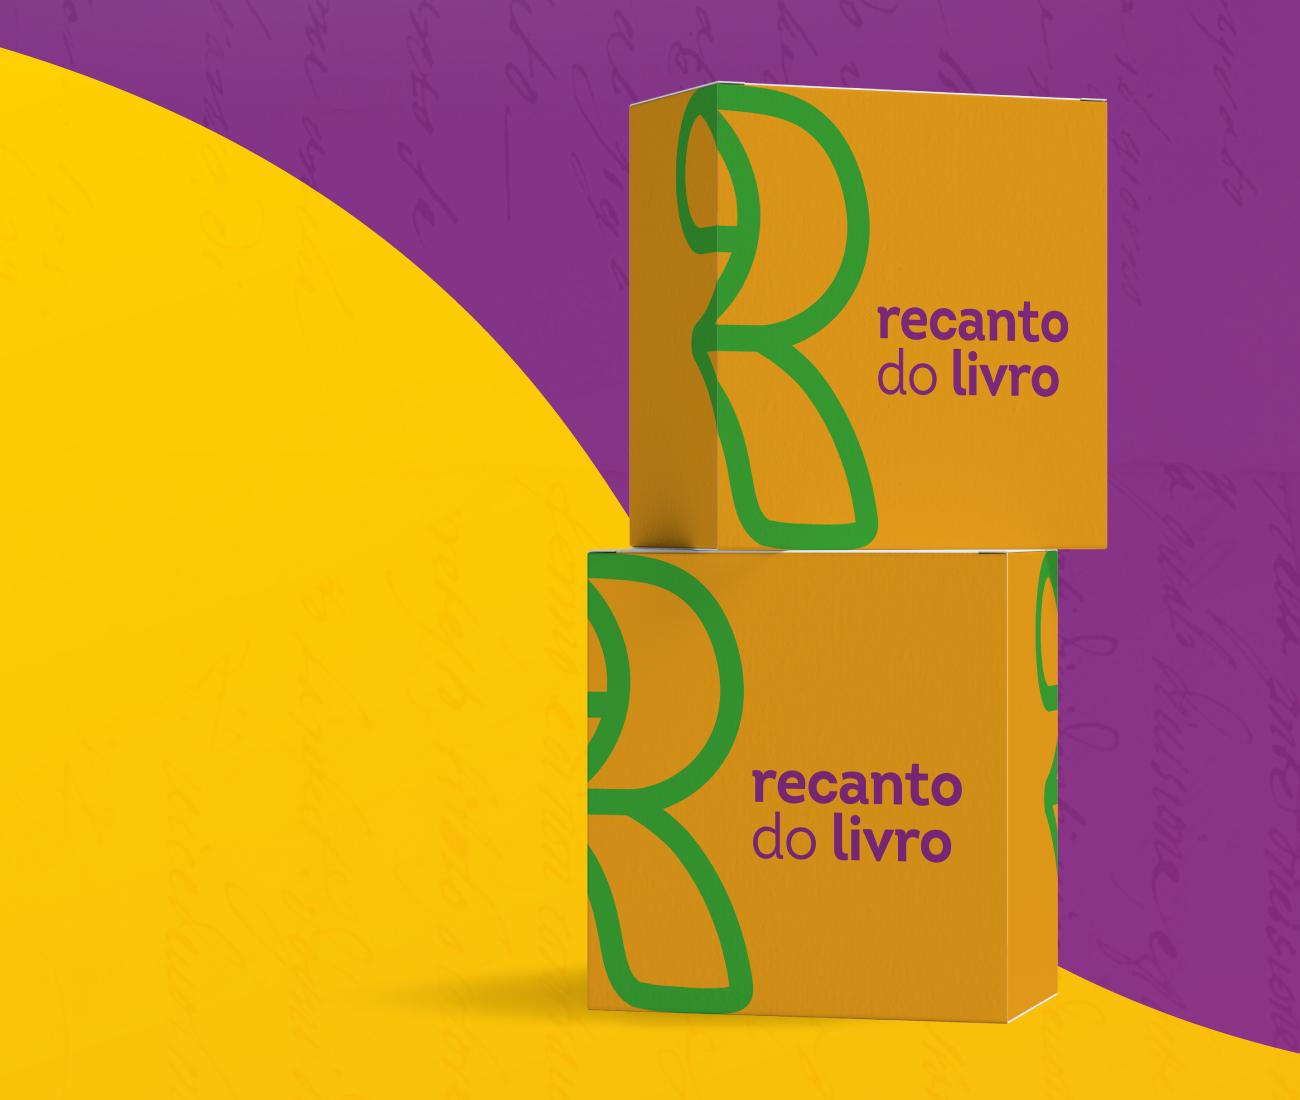 RECANTO-DO-LIVRO-(3)